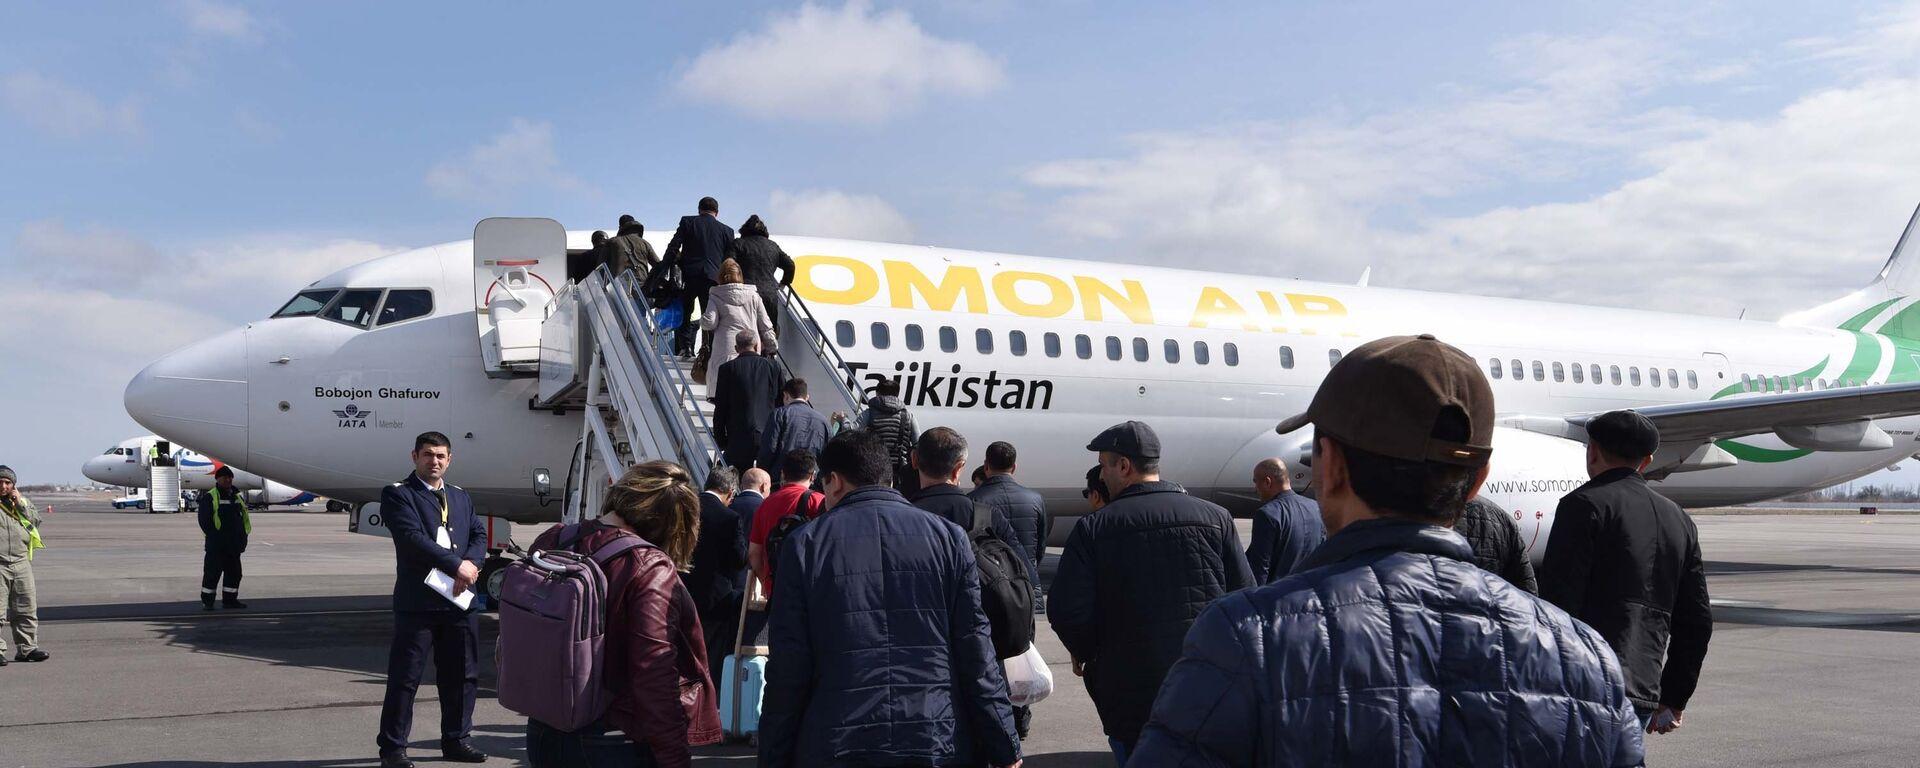 Посадка пассажиров в самолет, архивное фото - Sputnik Таджикистан, 1920, 01.04.2021